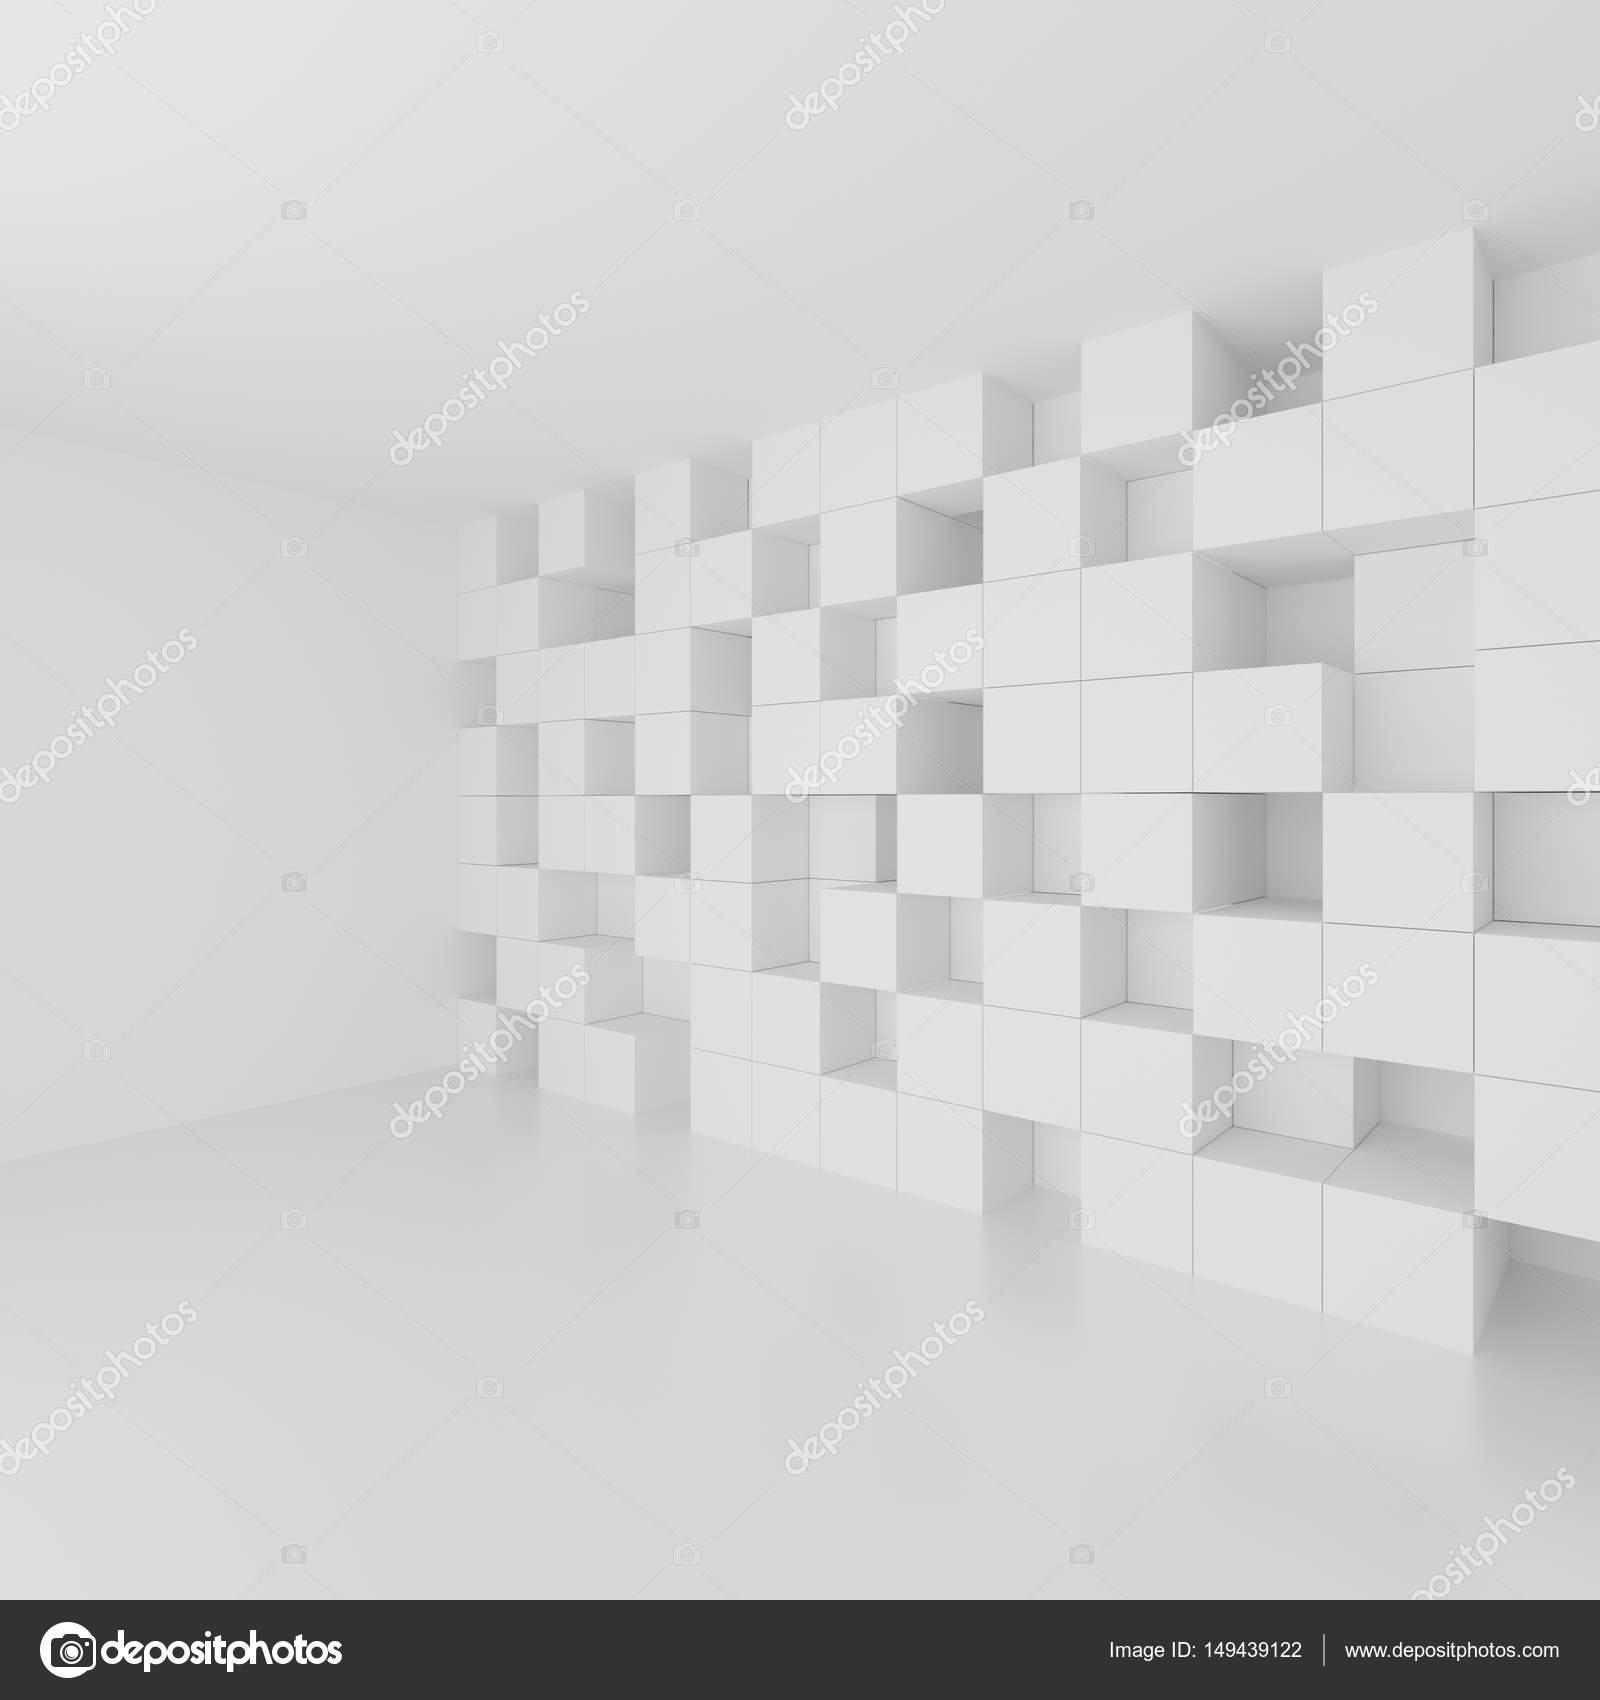 Innenarchitektur Oder Architektur futuristische innenarchitektur minimale architektur hintergrund